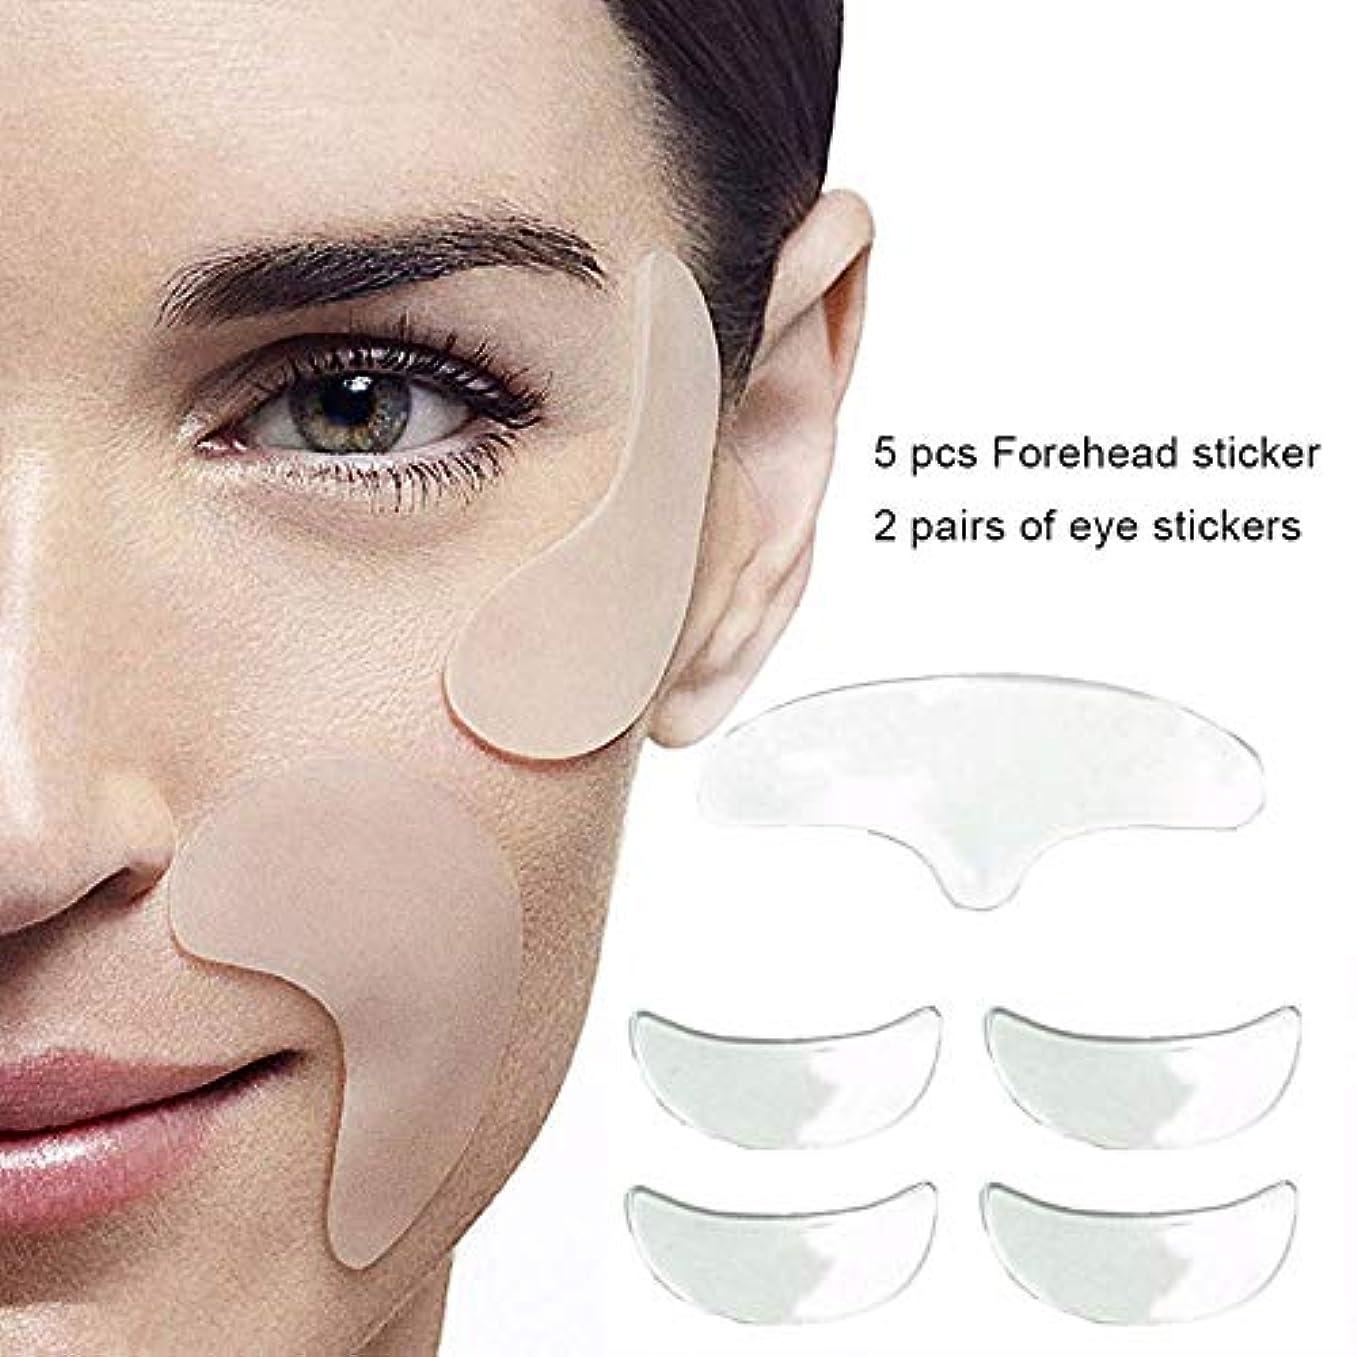 インストール不毛視力Rabugoo 女性のアンチリンクルアイフェイスパッド再使用可能なシリコーンインビジブルフェイスパッドアンチエイジング防止顔のしわ